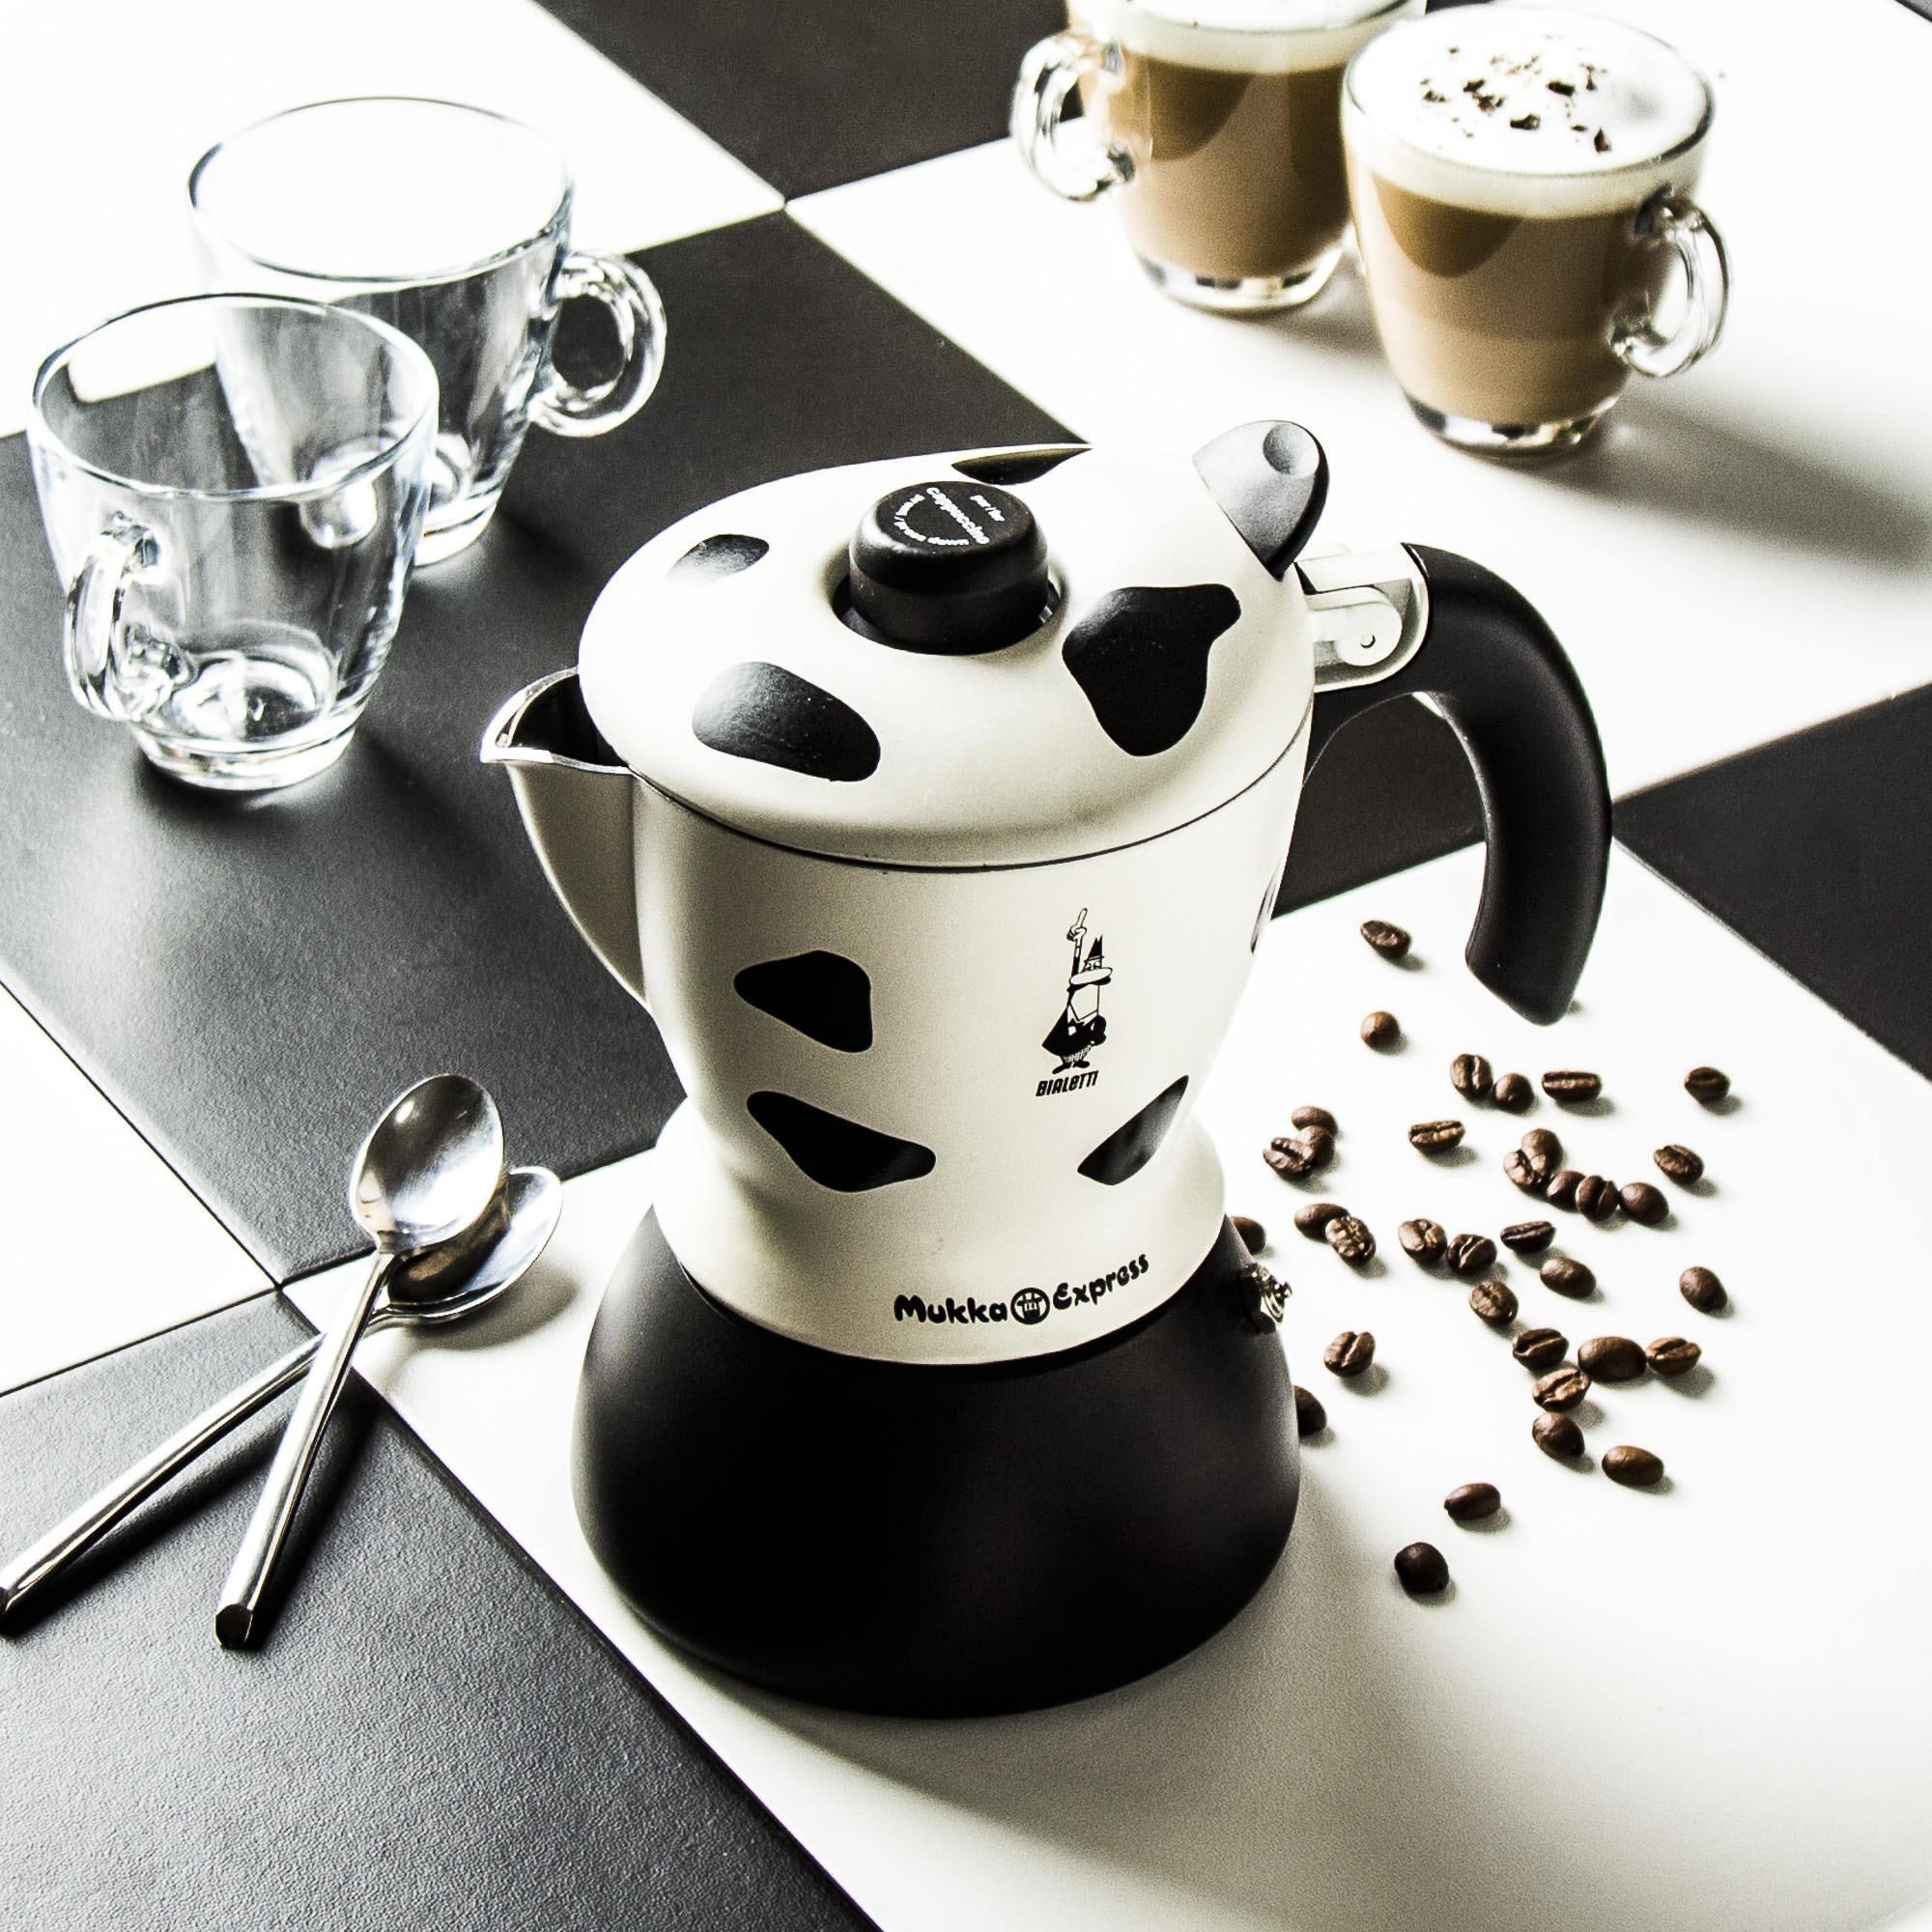 Cafetera Bialetti Mukka